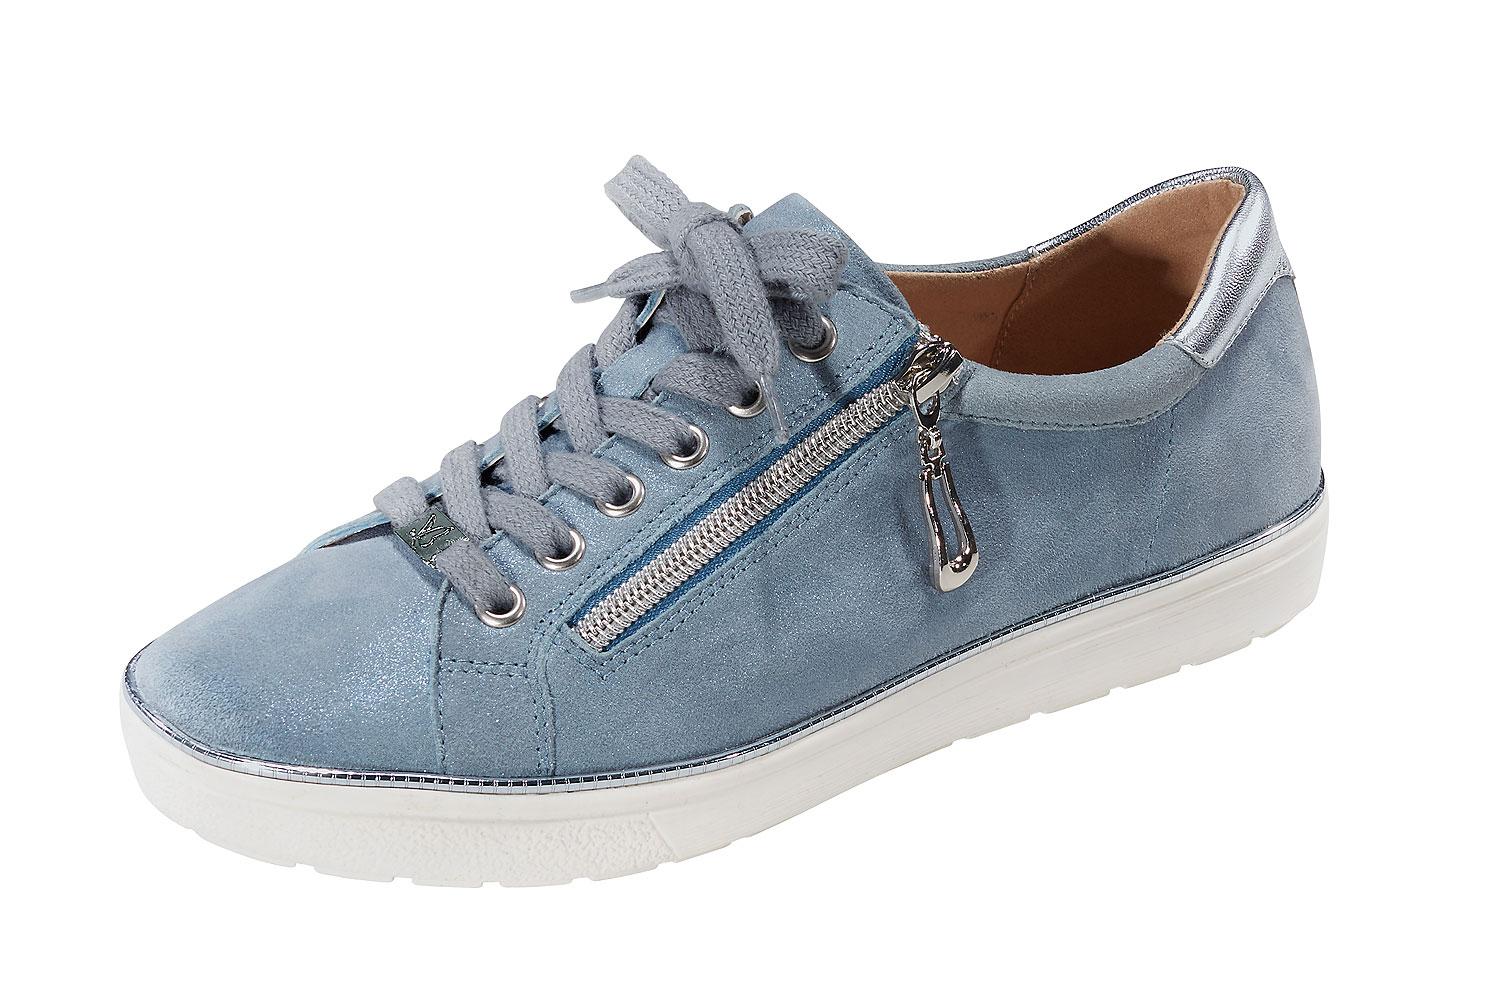 SALE: Freizeitschuhe Damen | Schuhe | Sale | Bootszubehör